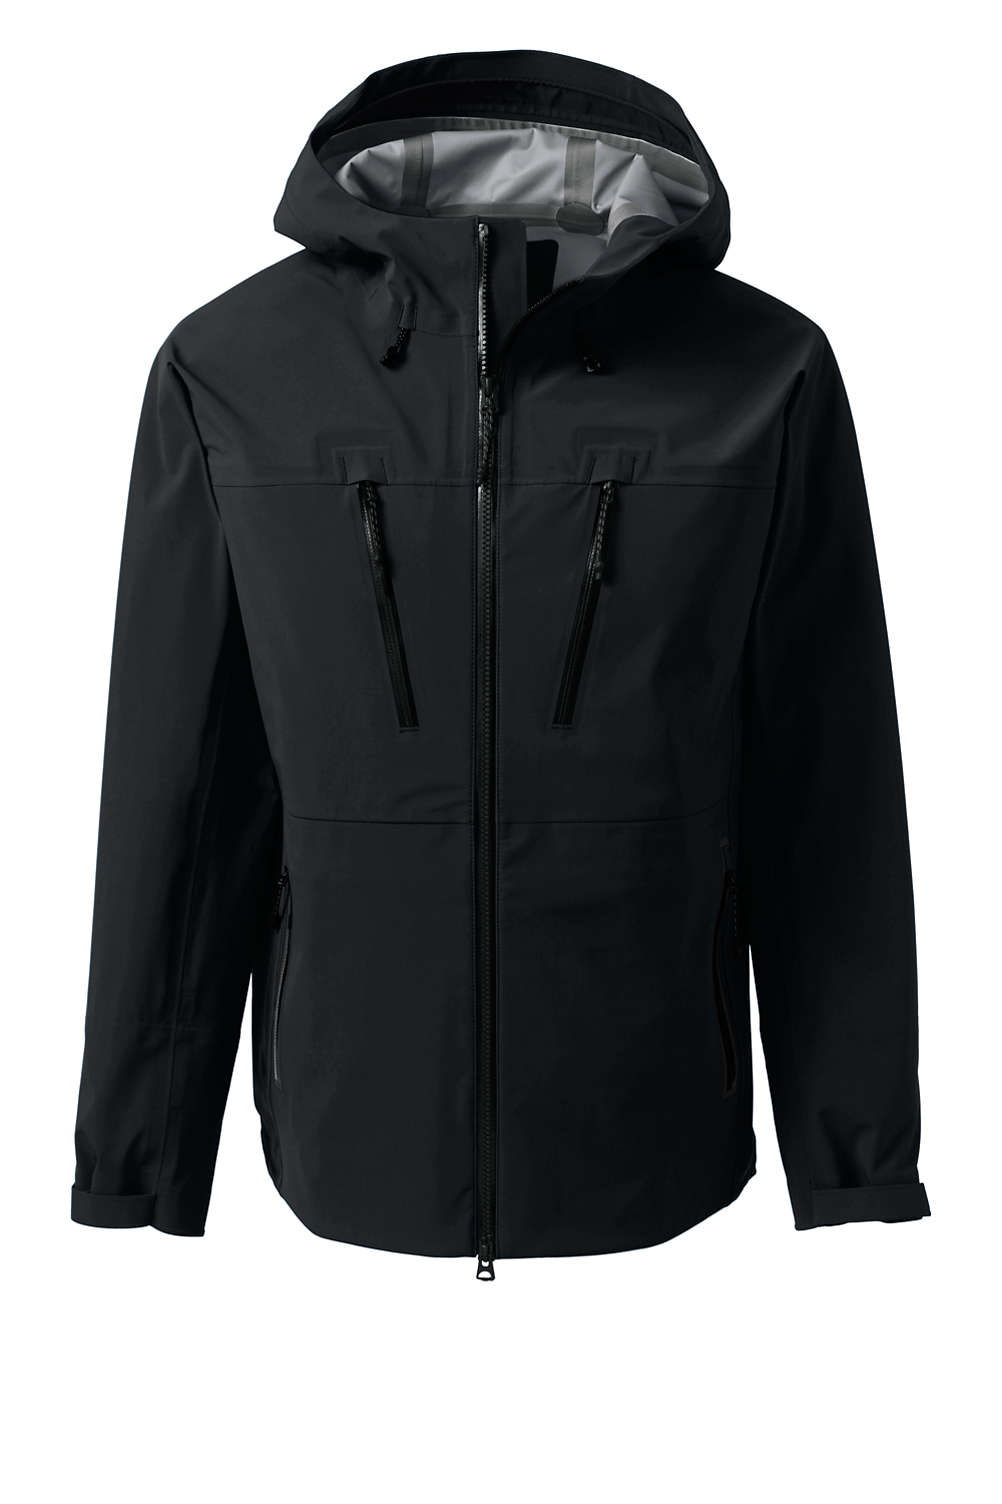 4fc924fbad9fd Men's Ultimate Waterproof Rain Jacket from Lands' End